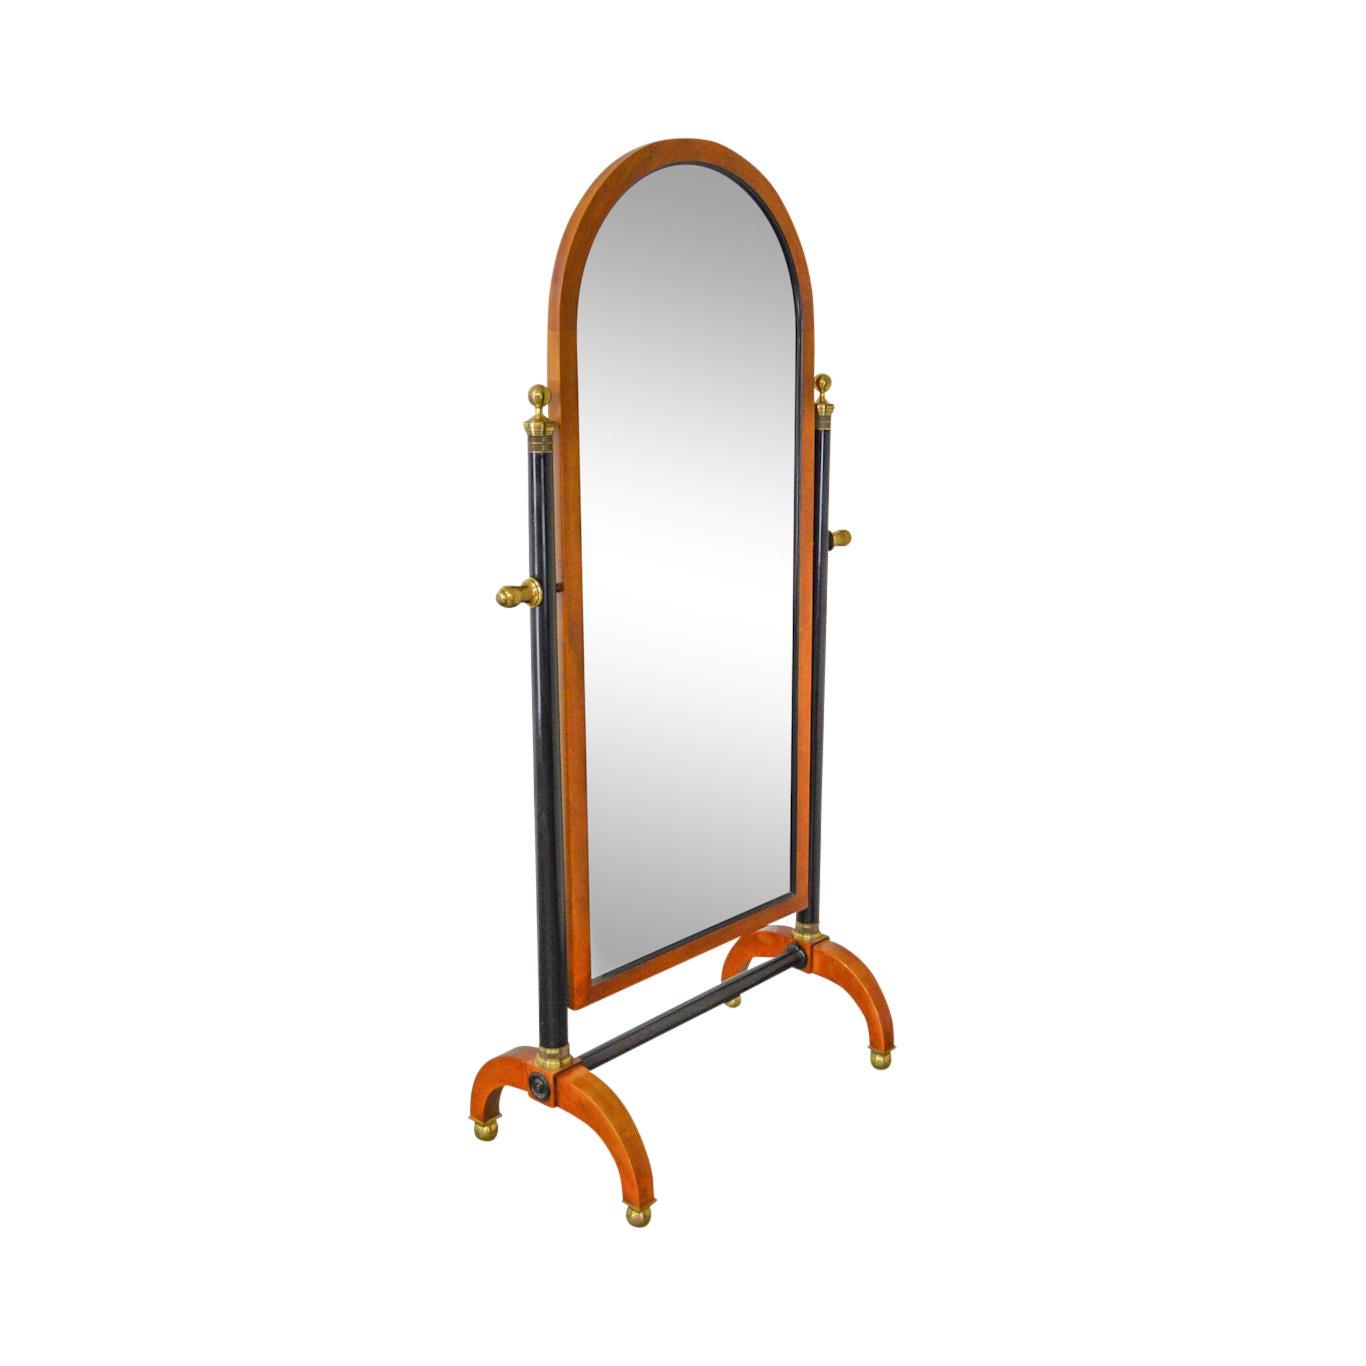 Century Biedermeier Style Cherry Wood Black Brass Cheval Mirror Chairish